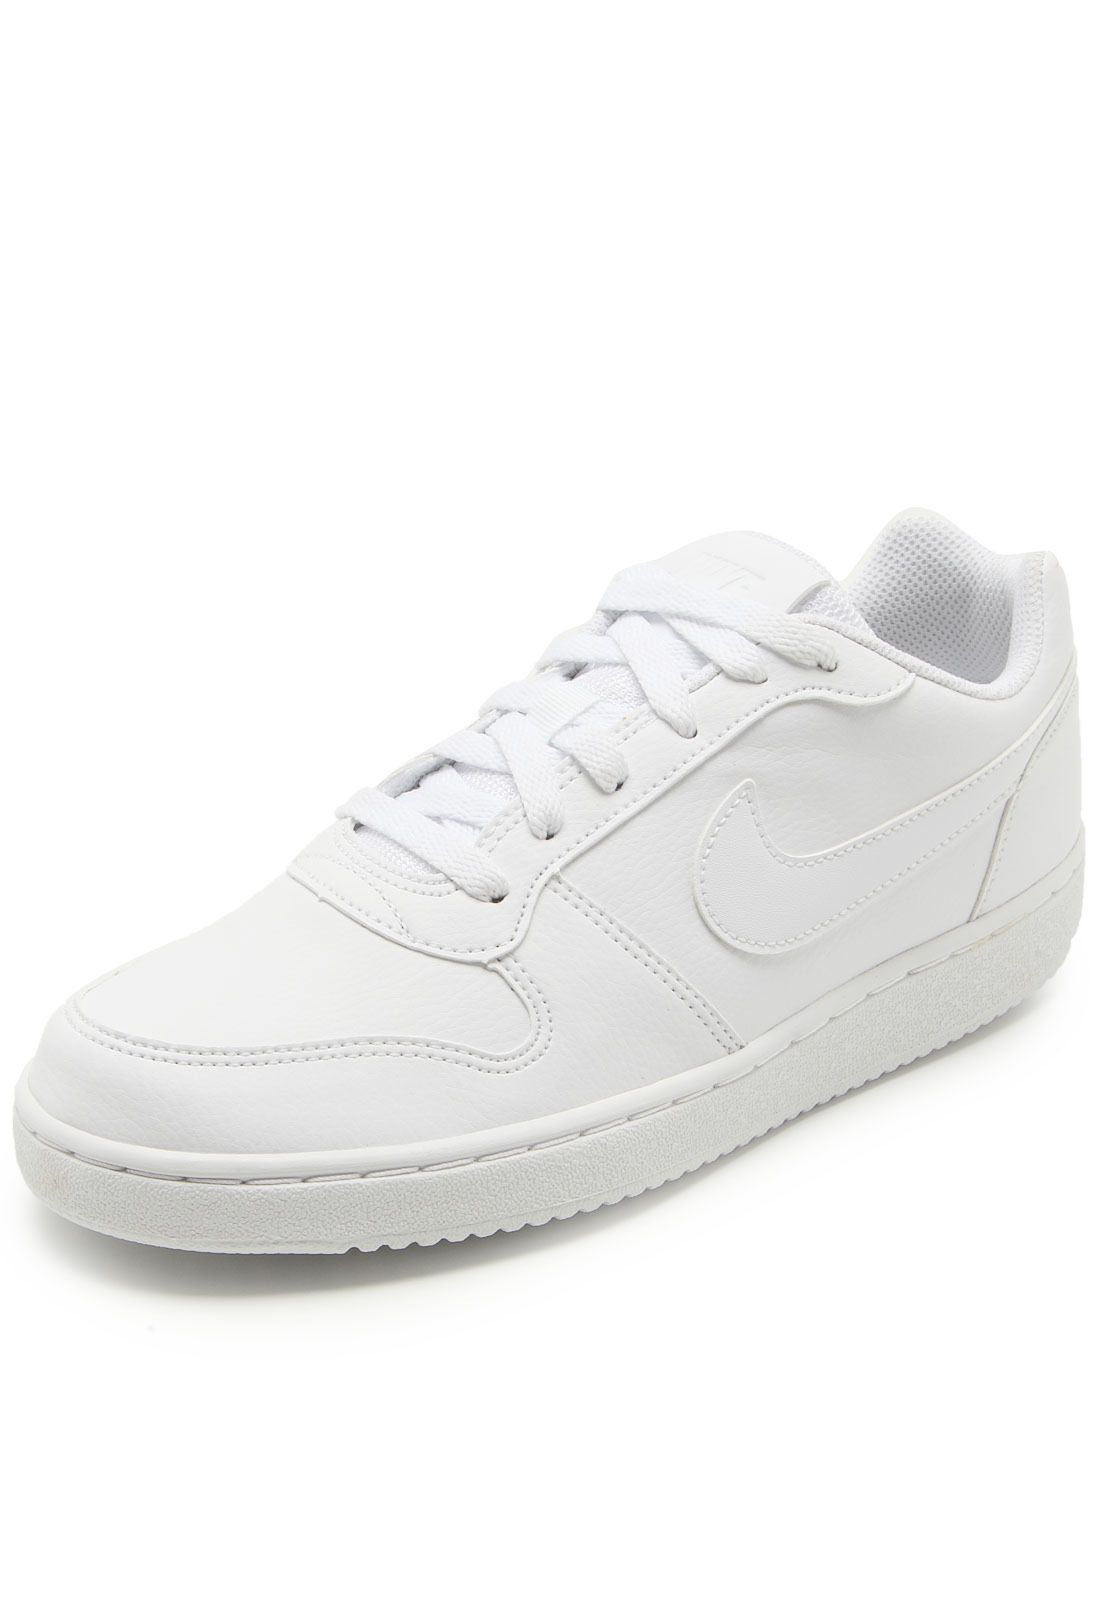 791bba47546 Tênis Nike Sportswear Ebernon Low Branco em 2019